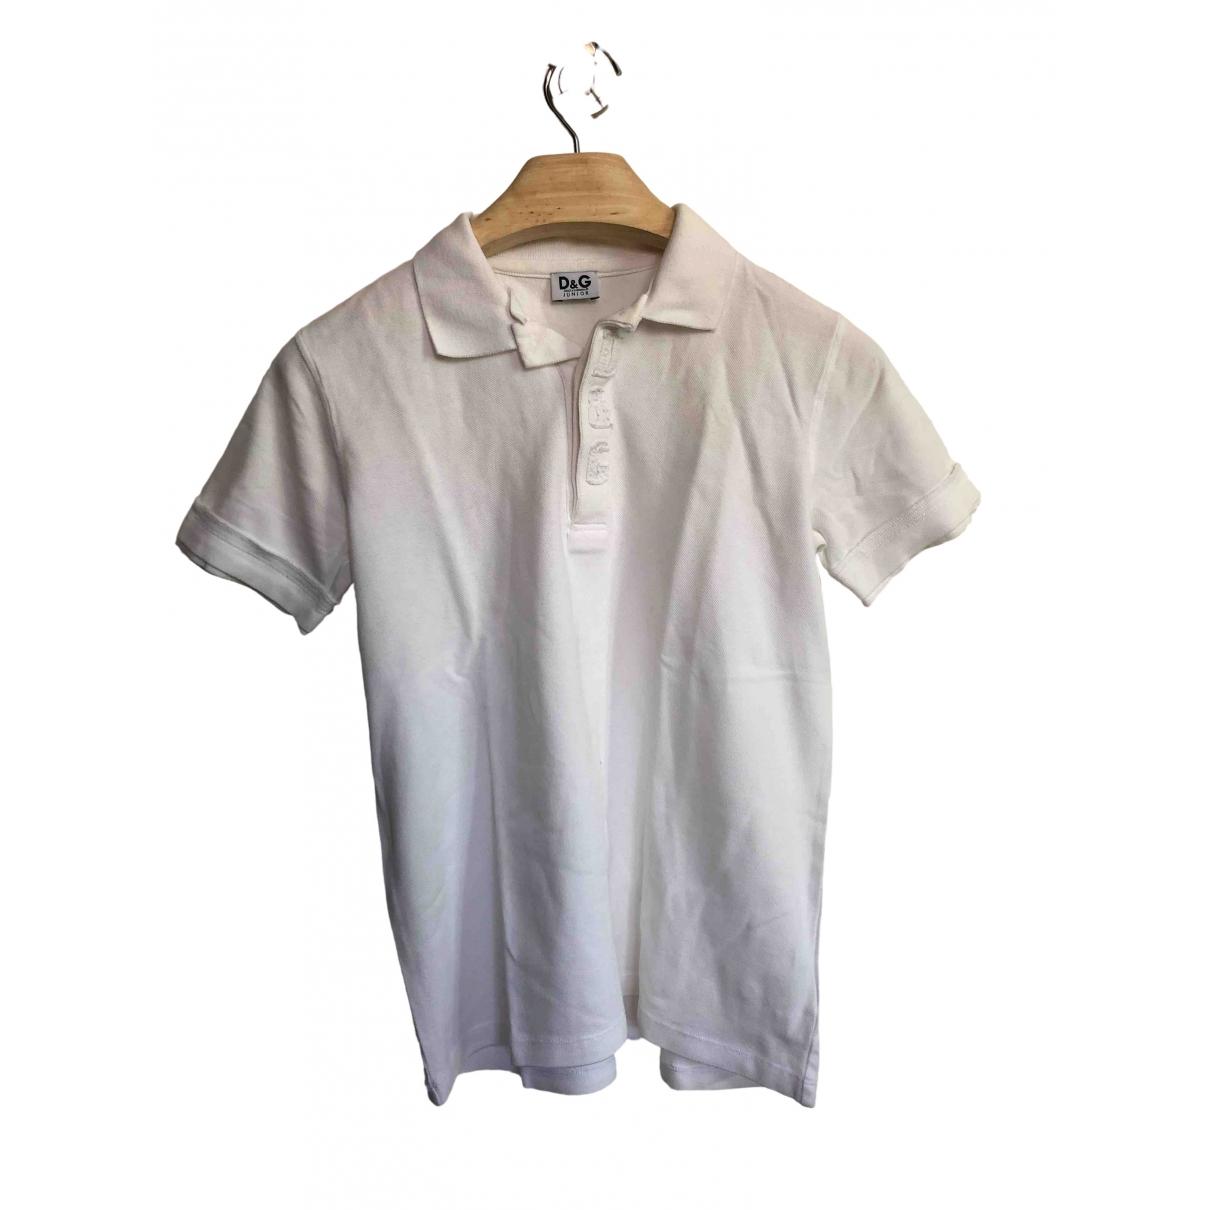 Camisetas en Algodon Blanco D&g